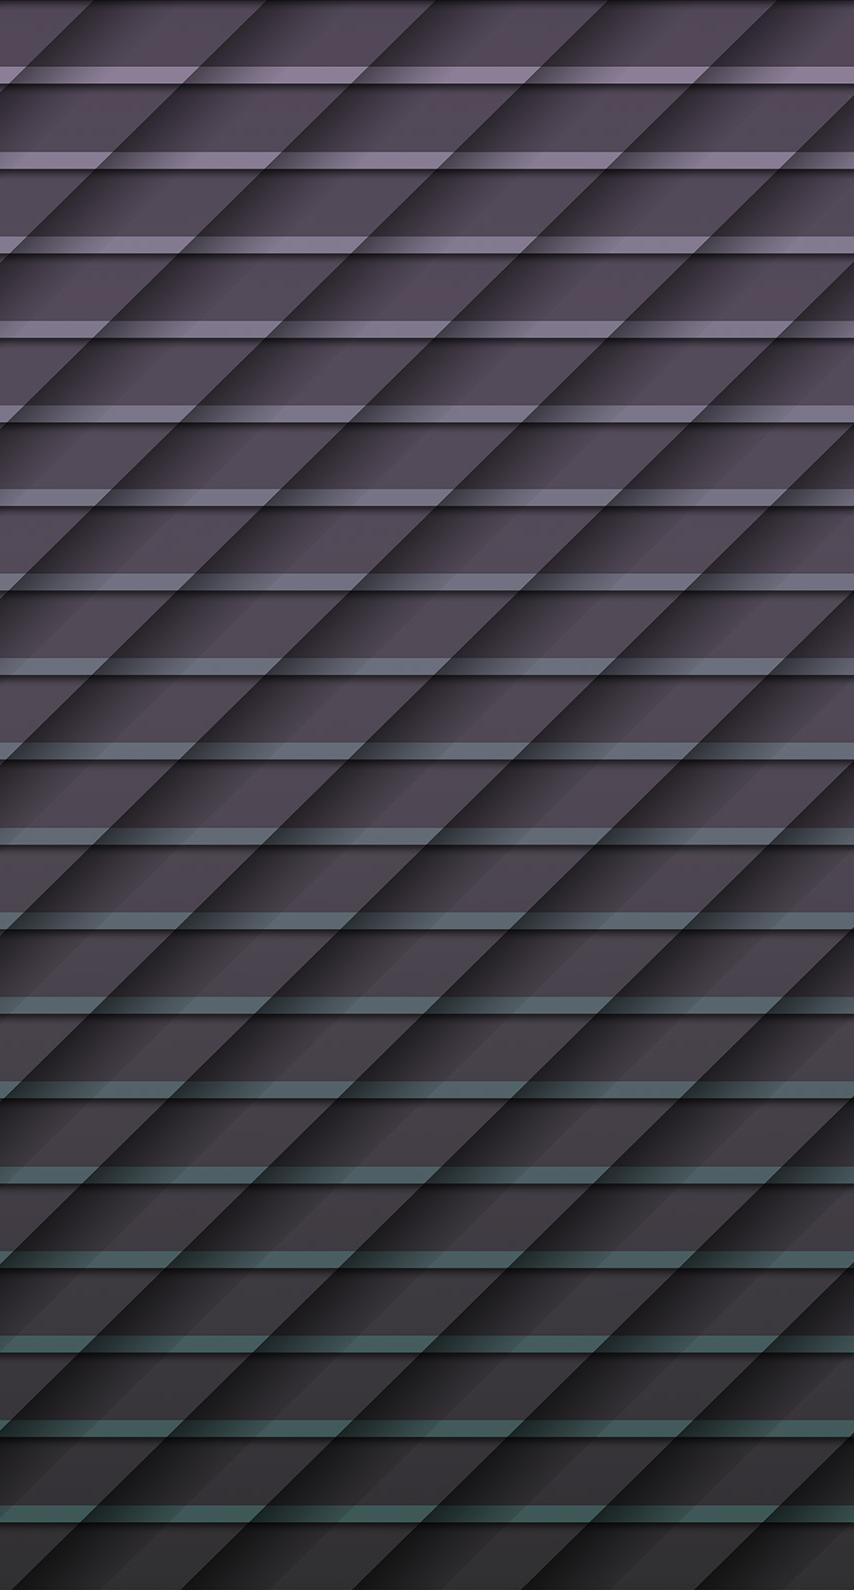 square, aluminum, iron, steel, diagonal